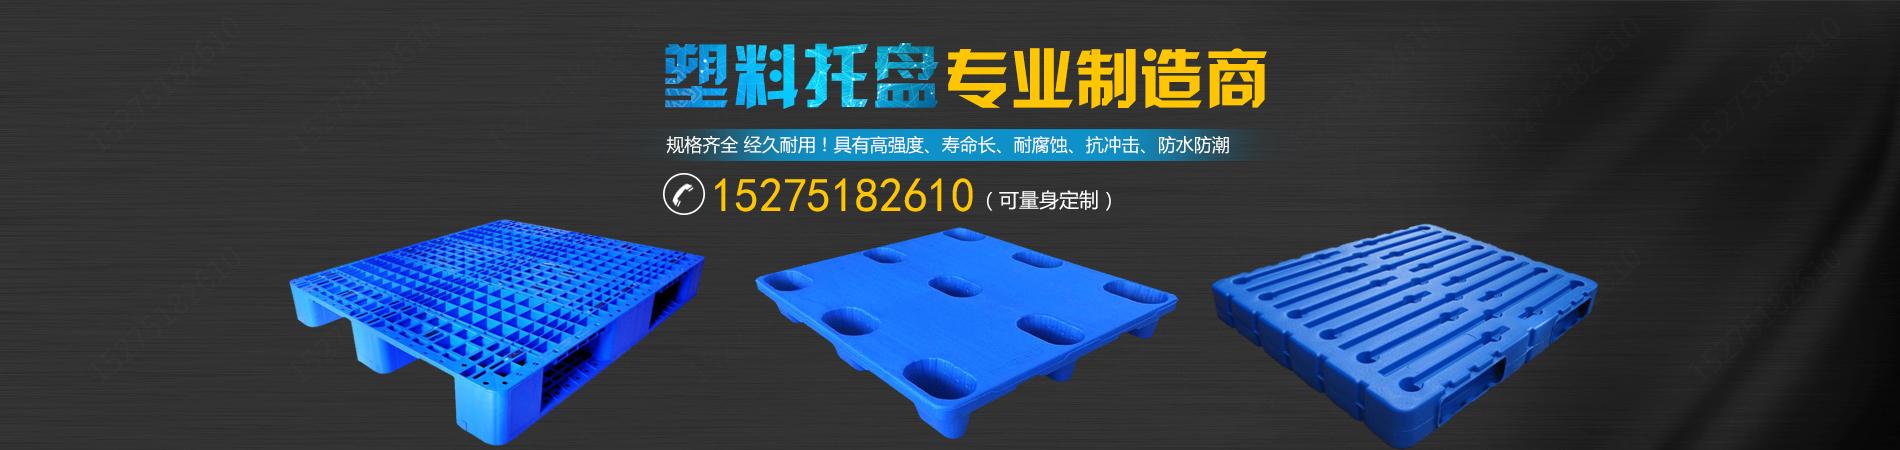 塑料雷竞技网站厂家、陕西塑料雷竞技网站、山东塑料雷竞技网站、成都塑料雷竞技网站